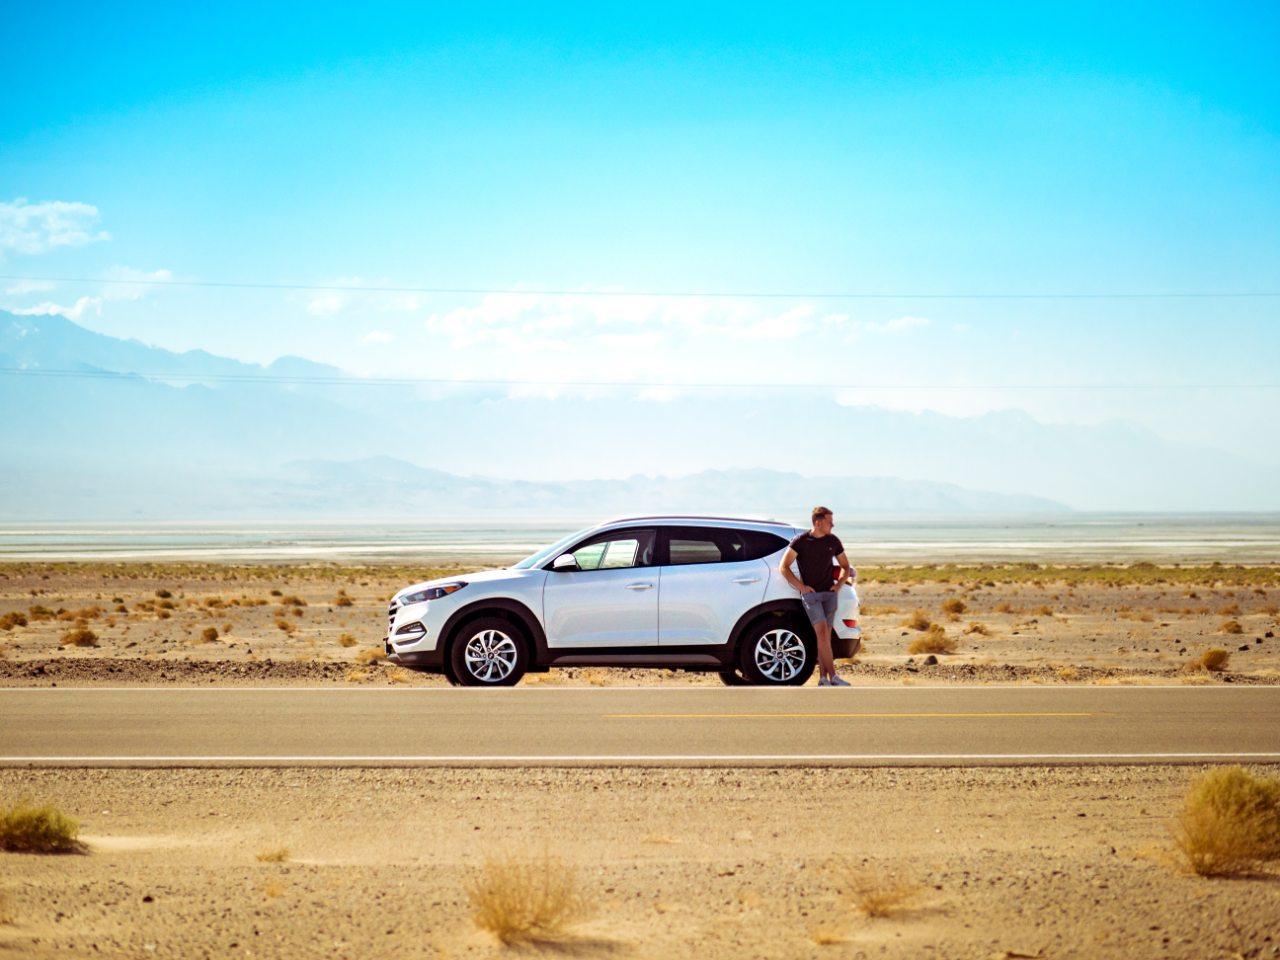 lenen autolening berekenen goedkoopste autofinanciering nieuwe wagen of tweedehandswagen